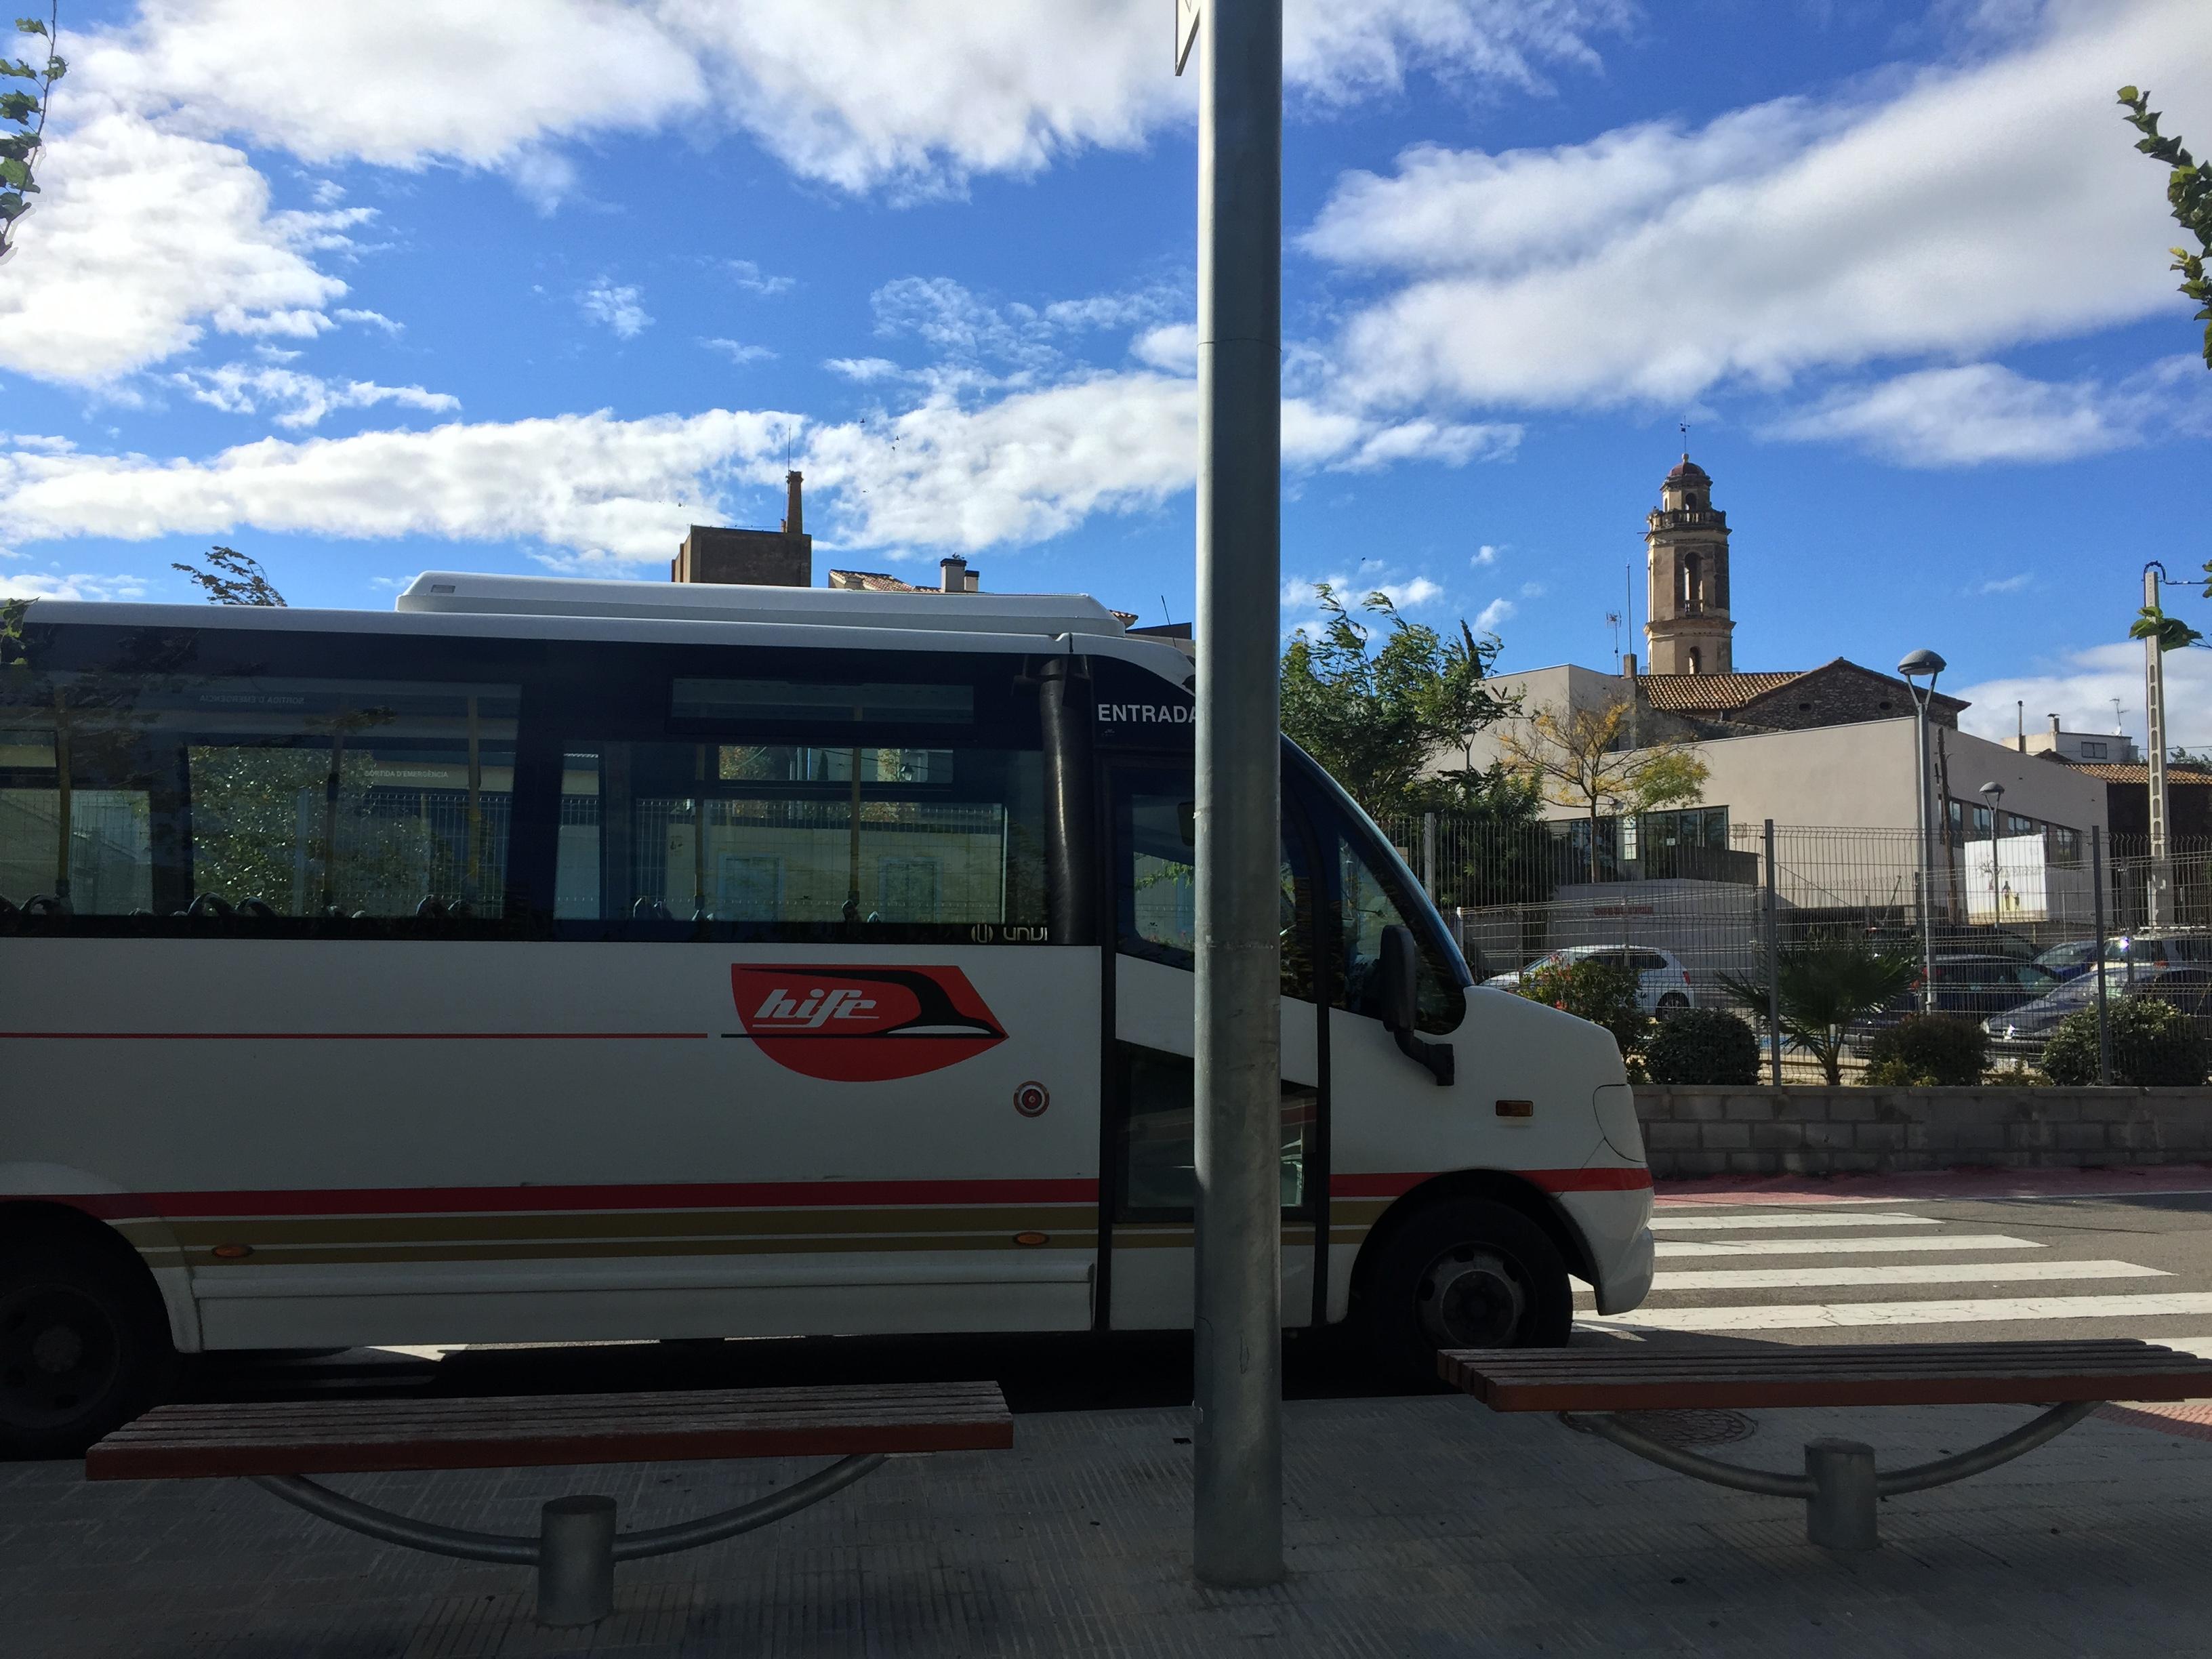 La Junta de Govern Local ha aprovat un contracte menor per al servei de bus urbà mentre es licita un nou servei